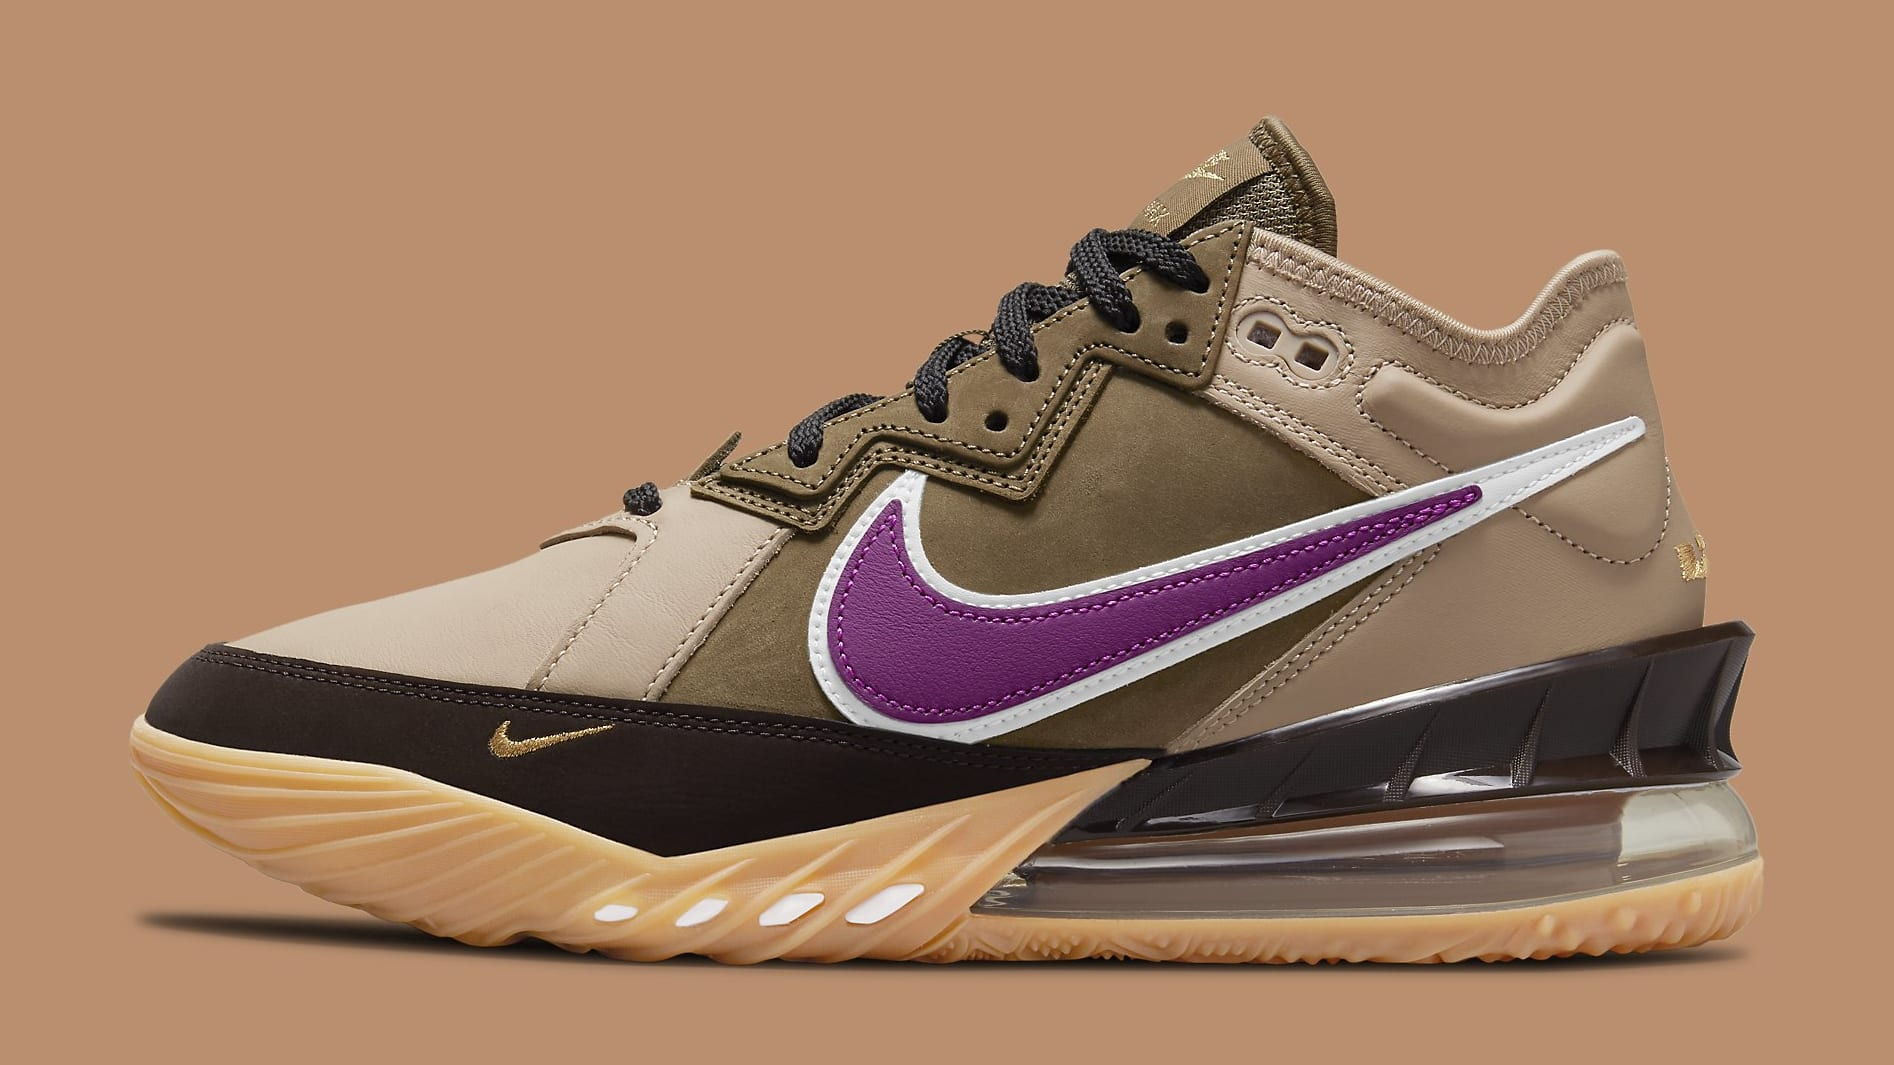 Atmos x Nike LeBron 18 Low 'Viotech' CW5635-200 Lateral